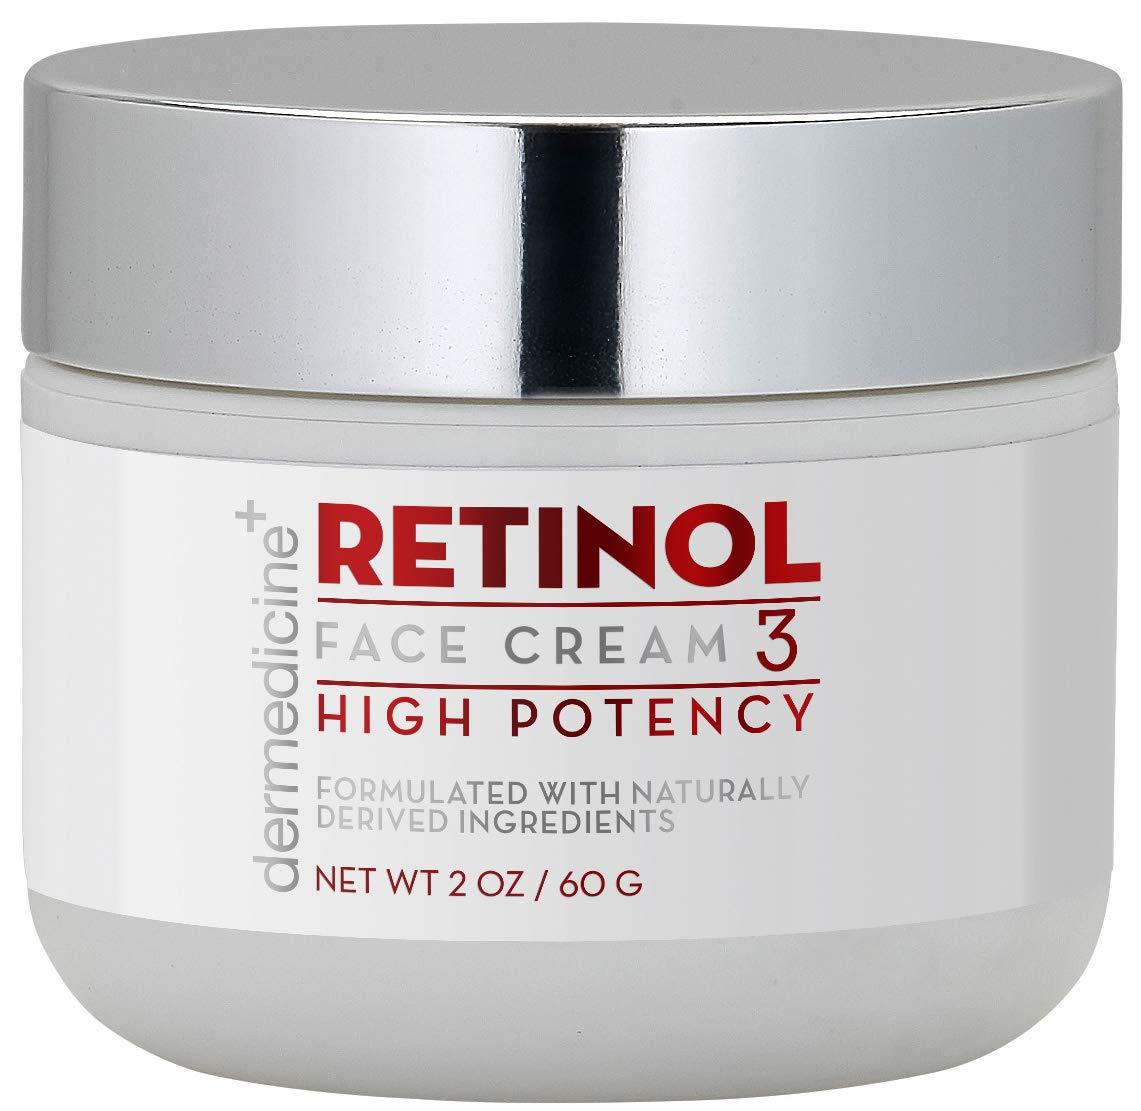 retinol face cream